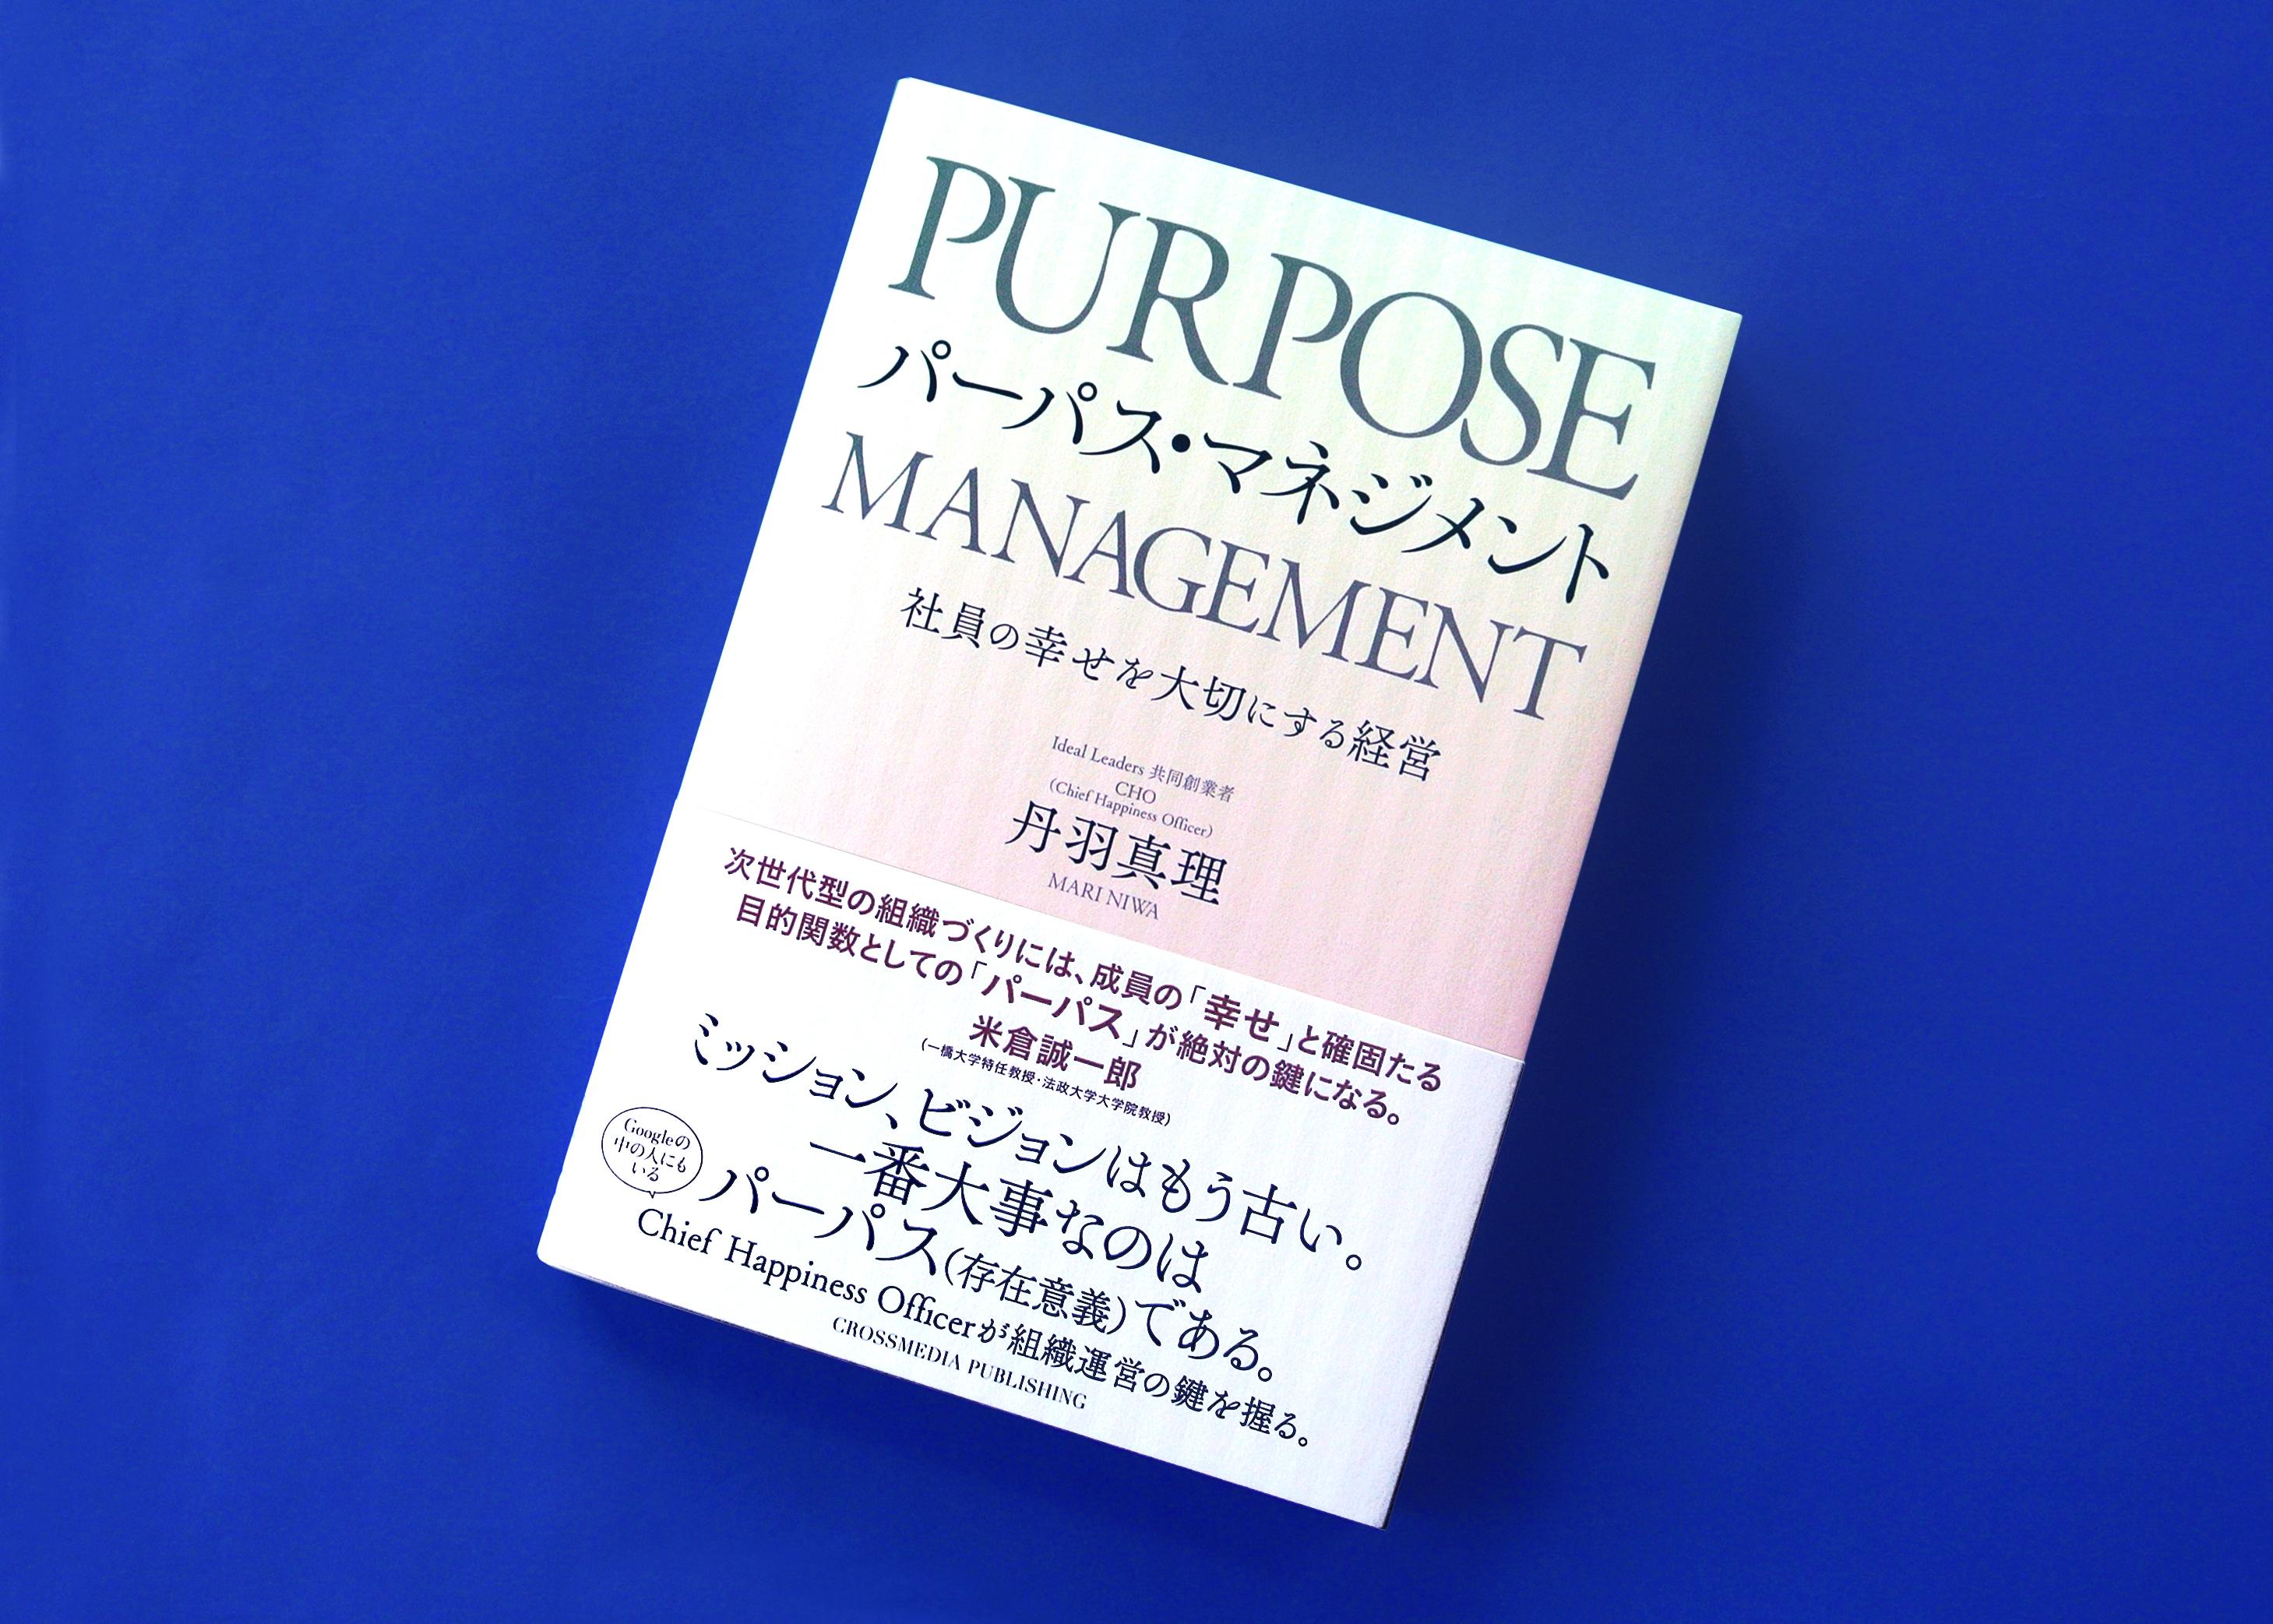 パーパス・マネジメント── 社員の幸せを大切にする経営